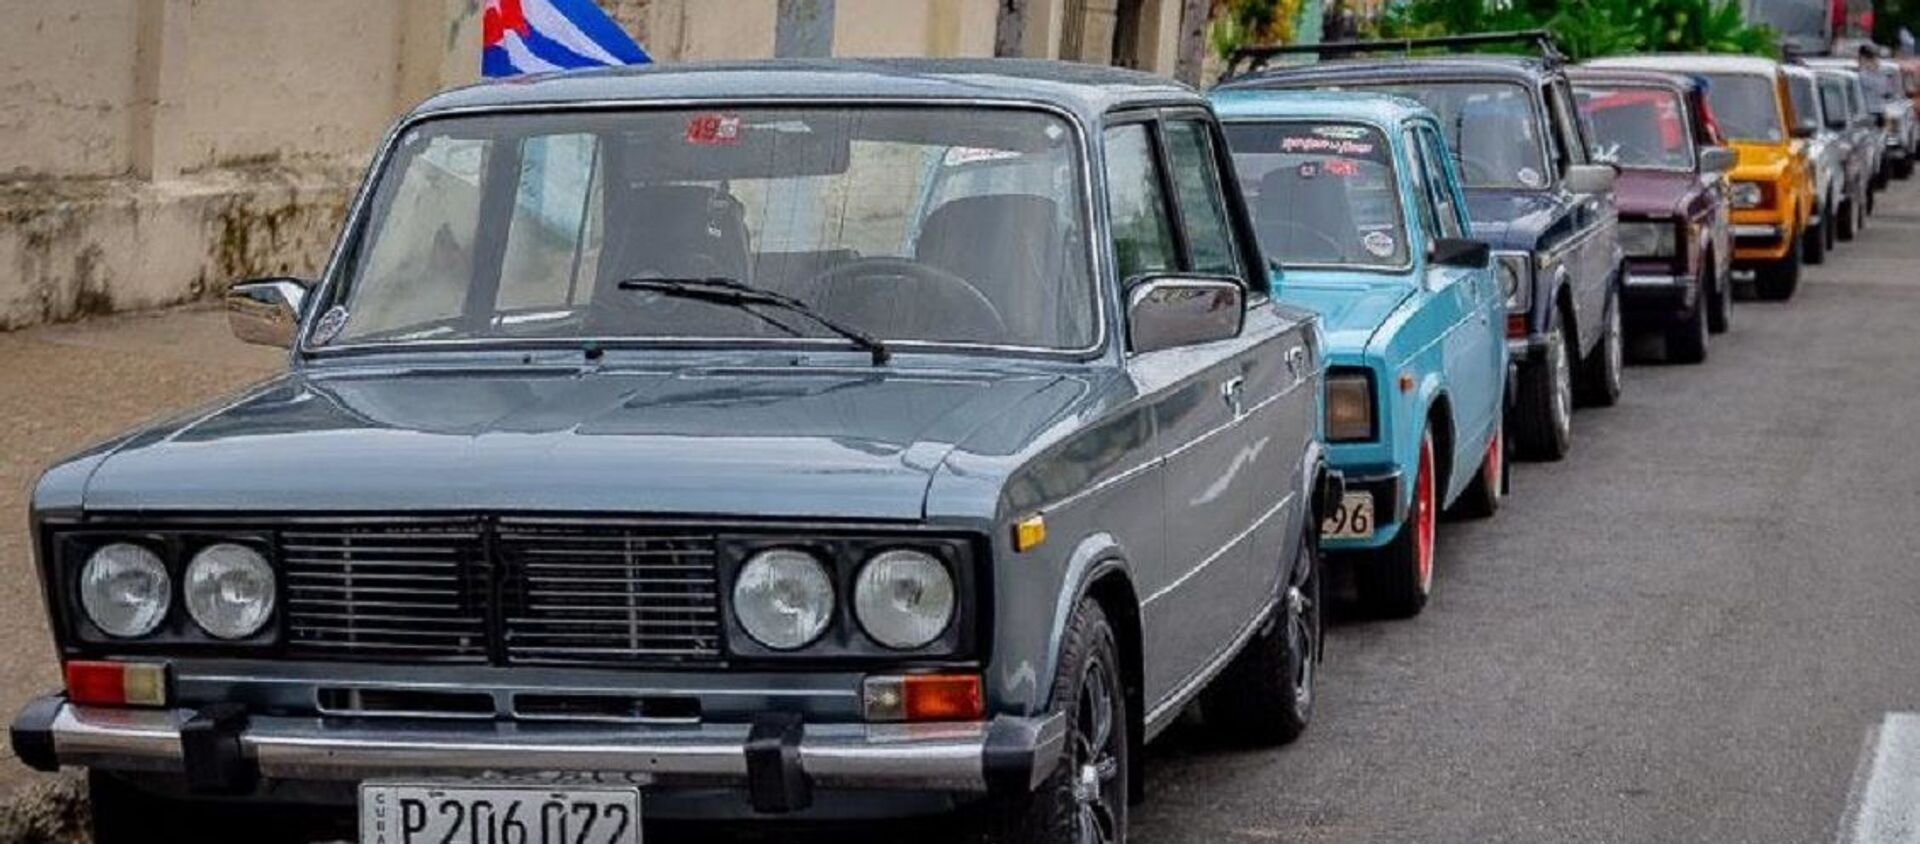 Autos soviéticos populares en Cuba - Sputnik Mundo, 1920, 01.02.2021